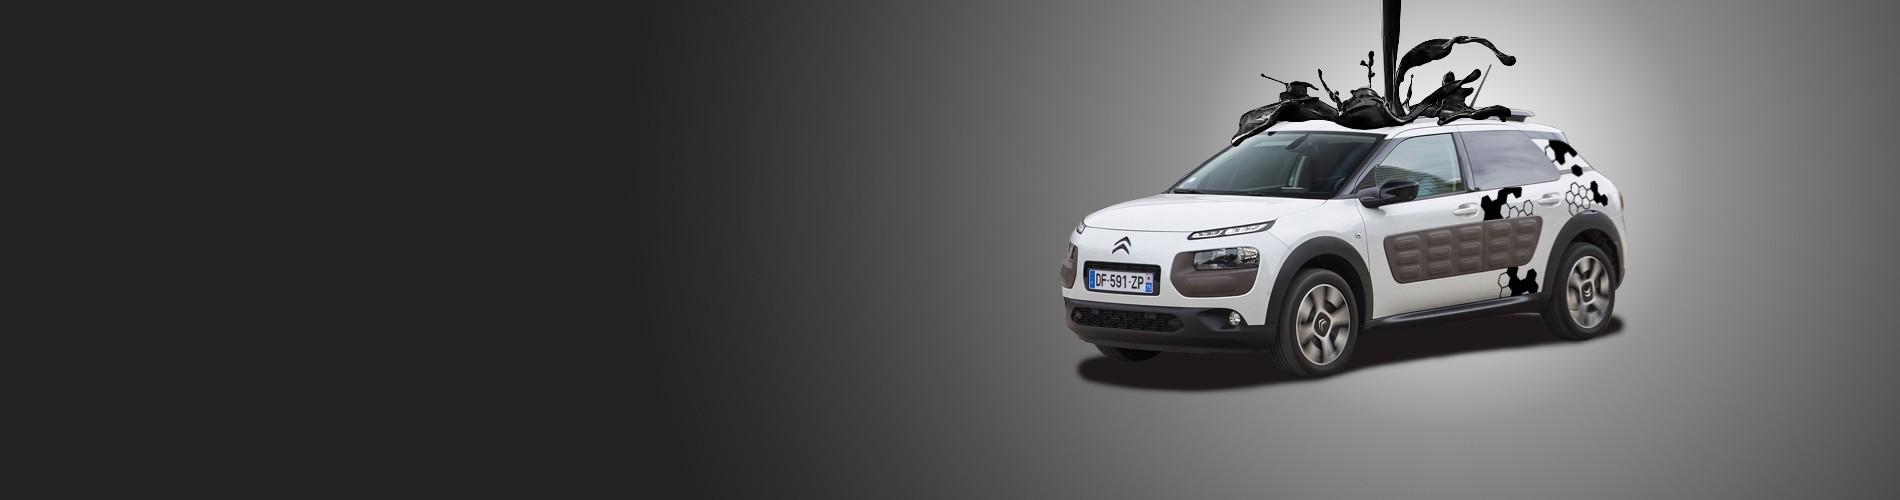 Ma Belle Voiture - Citroën C4 Cactus Stickers